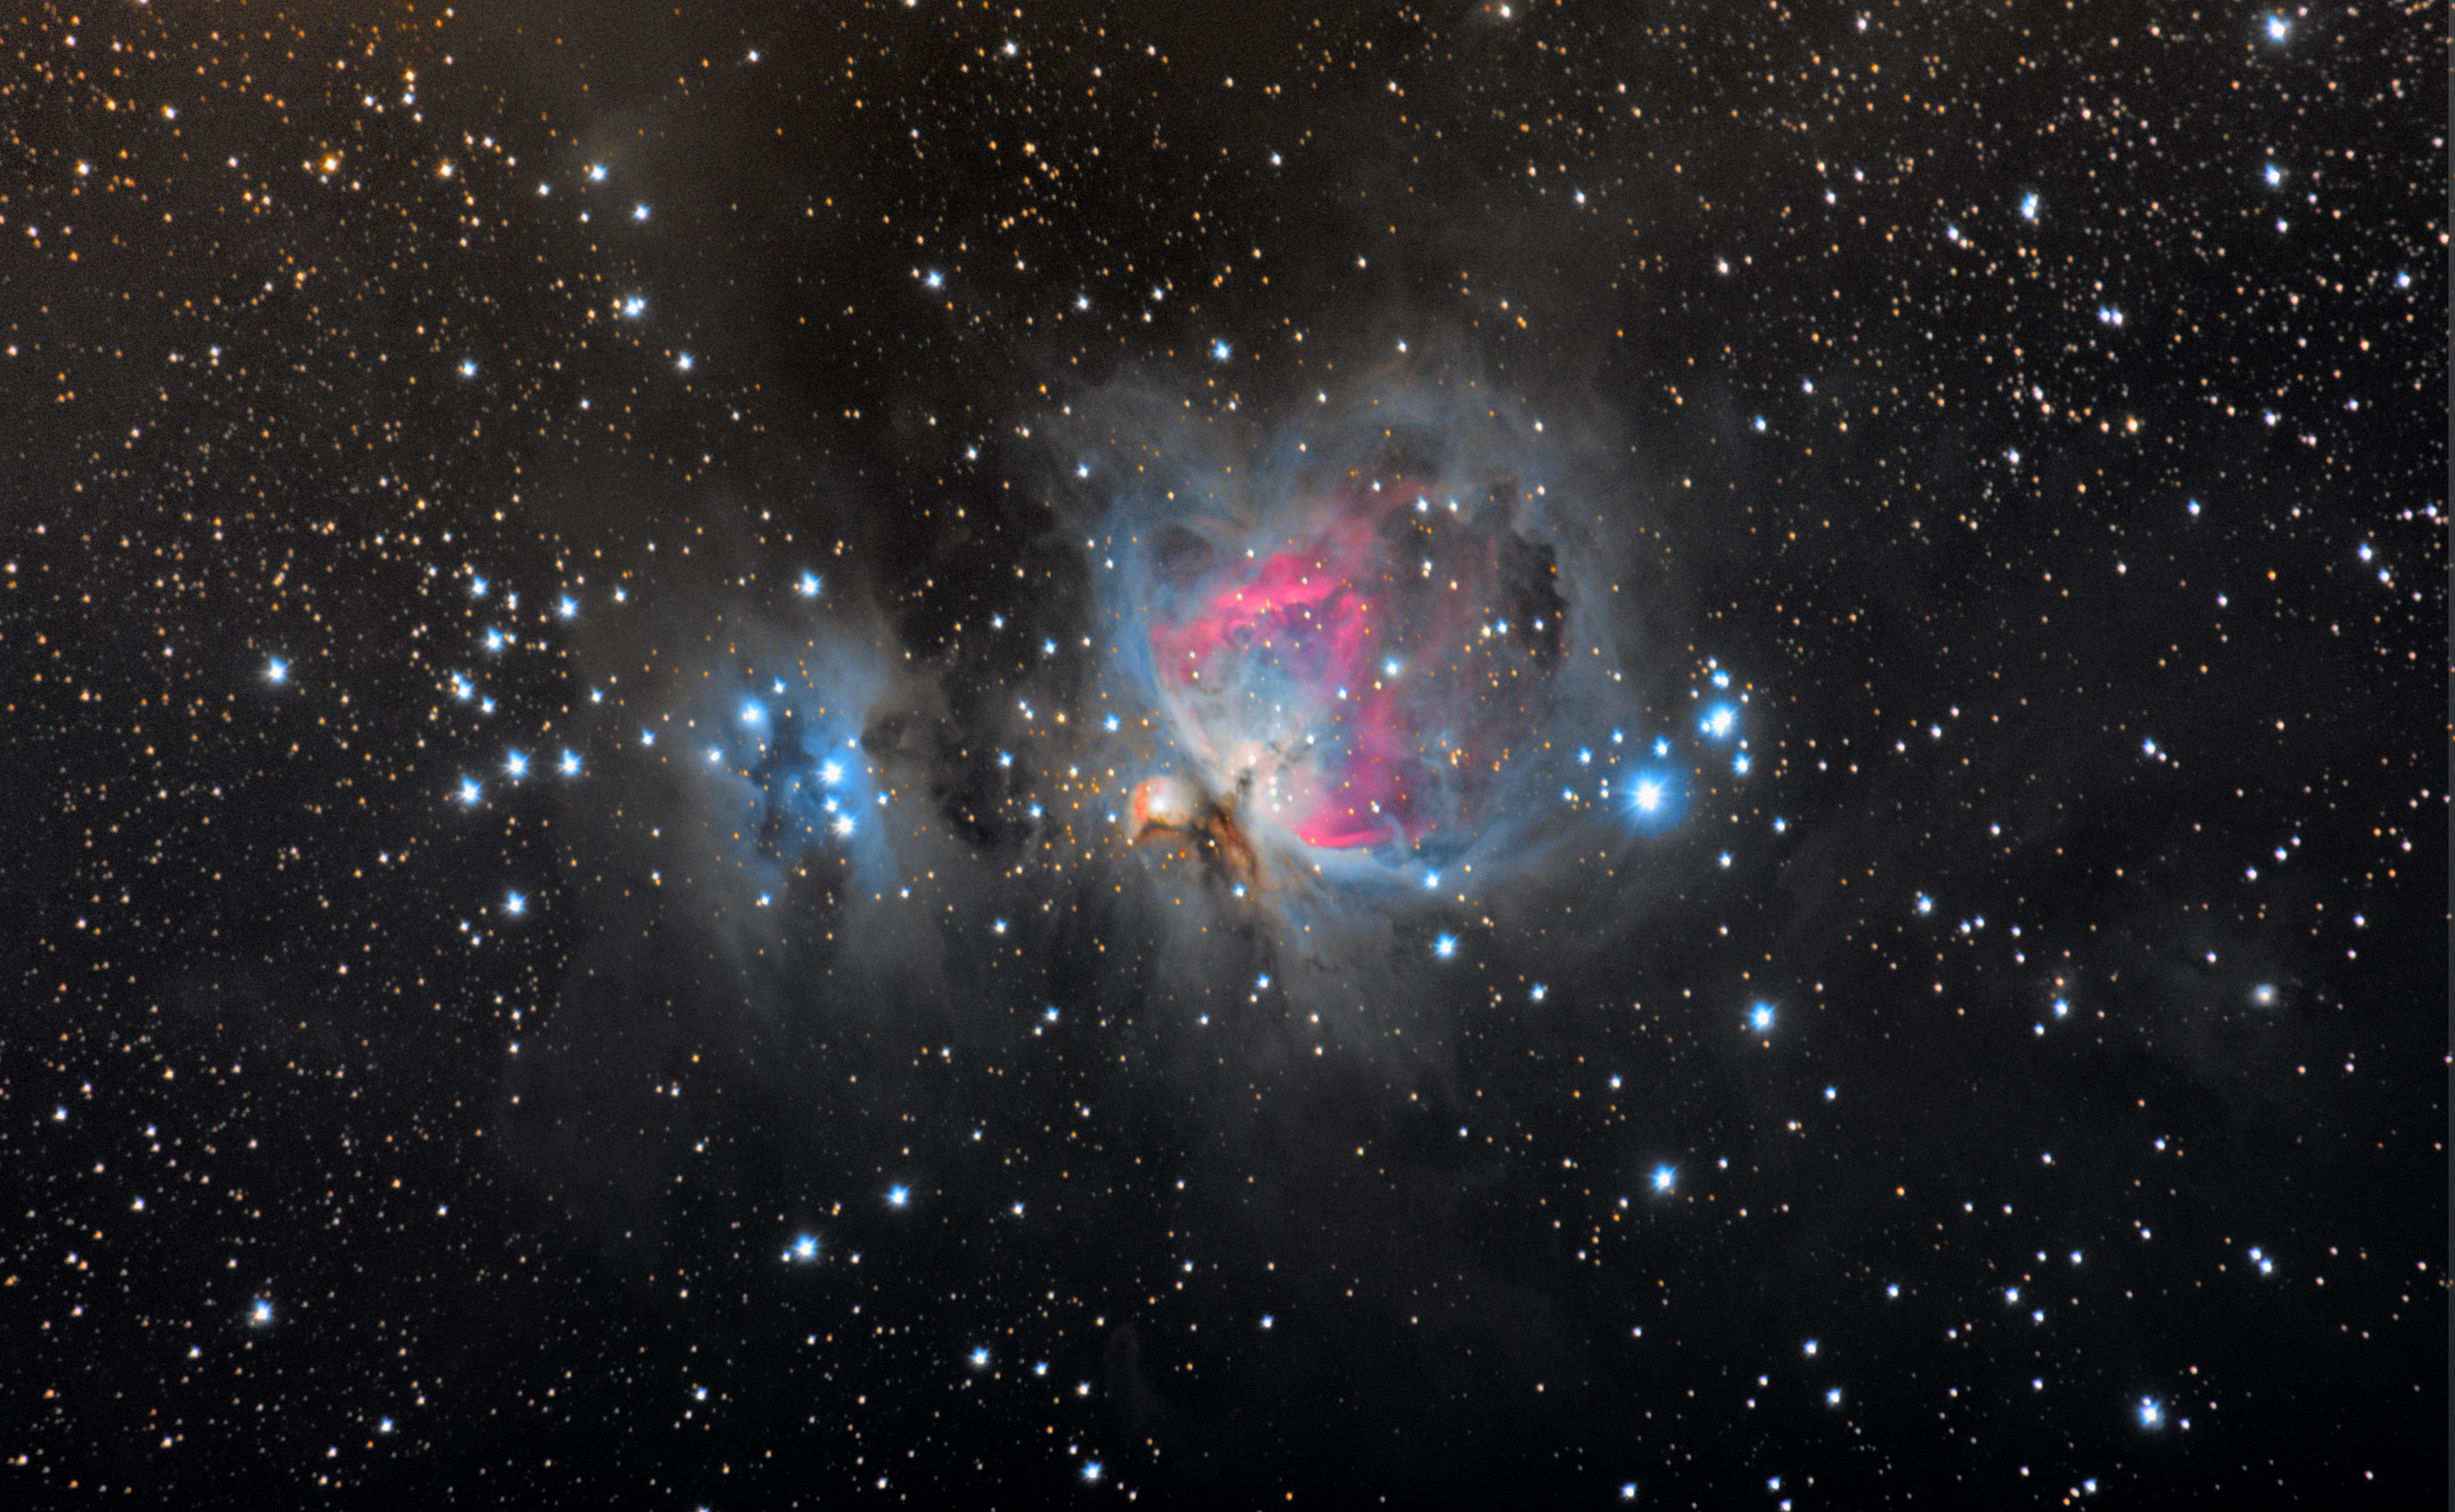 M42- The Orion Nebula